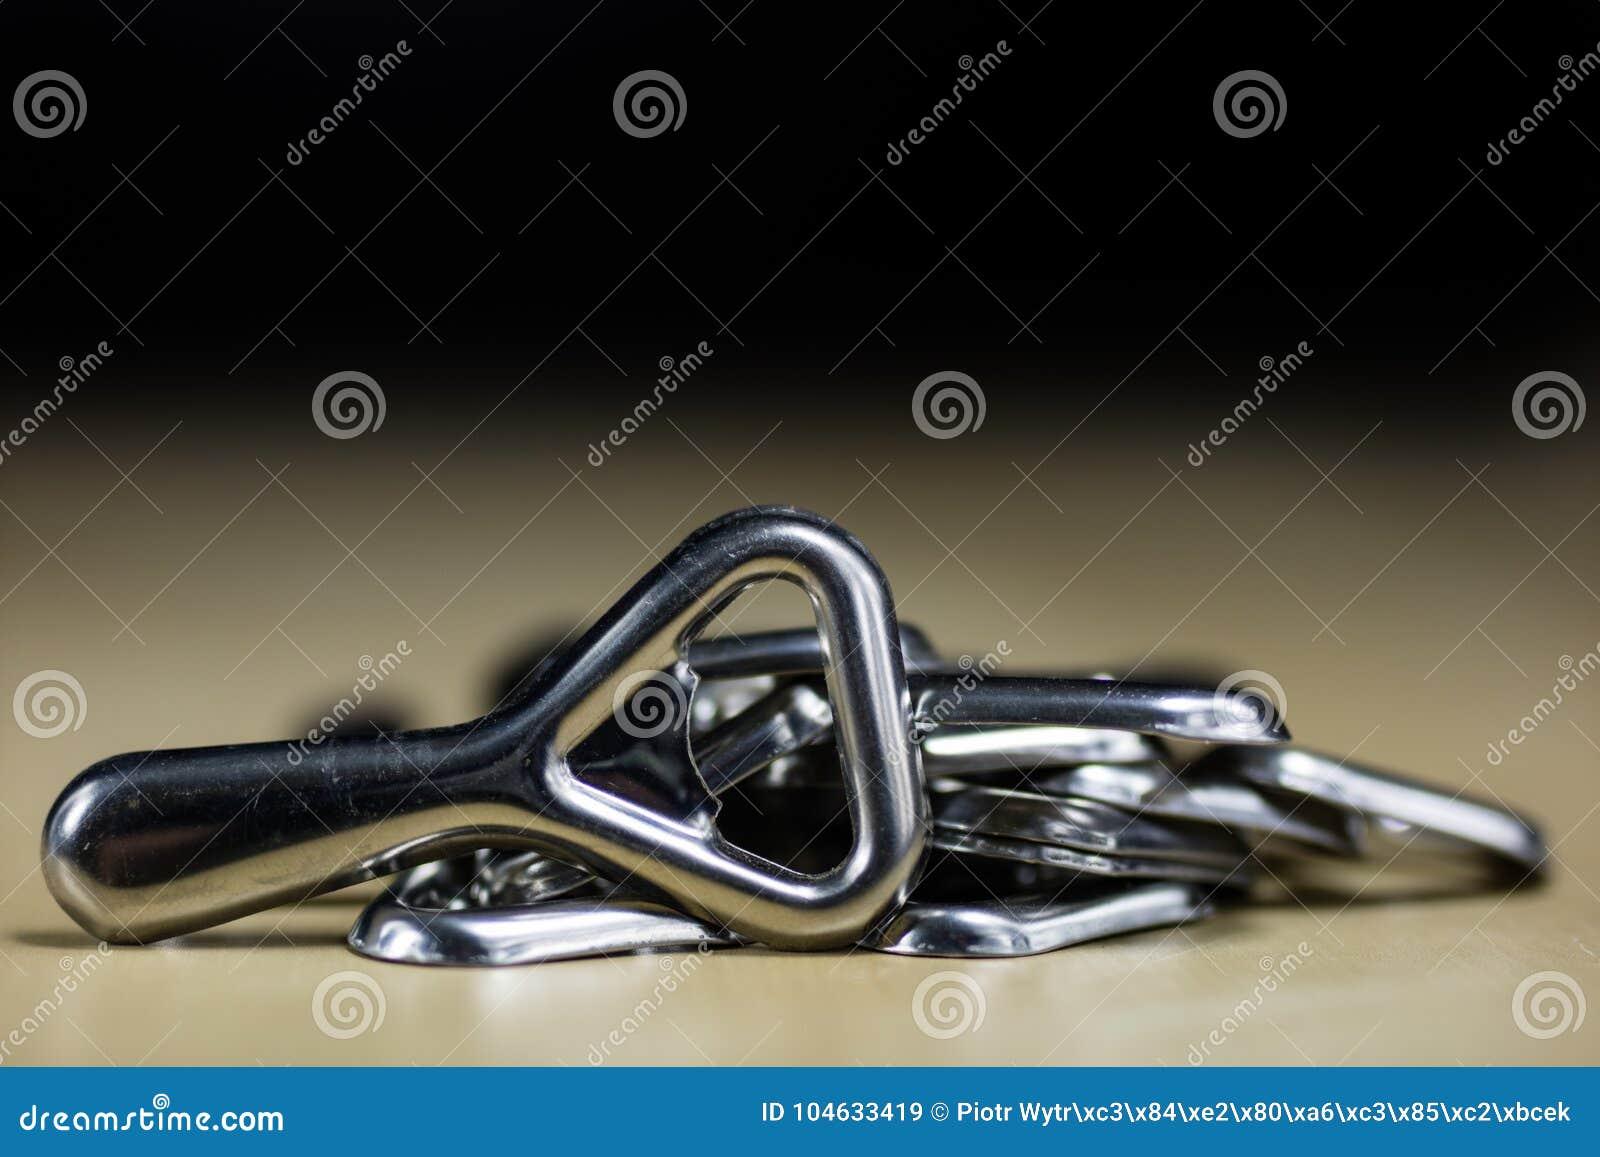 Download De Eenvoudige Opener Van De Metaalplaat Op Countertop In Het Restaurant Een Zilveren En Glanzende Flesopener Stock Afbeelding - Afbeelding bestaande uit stop, kurketrekker: 104633419